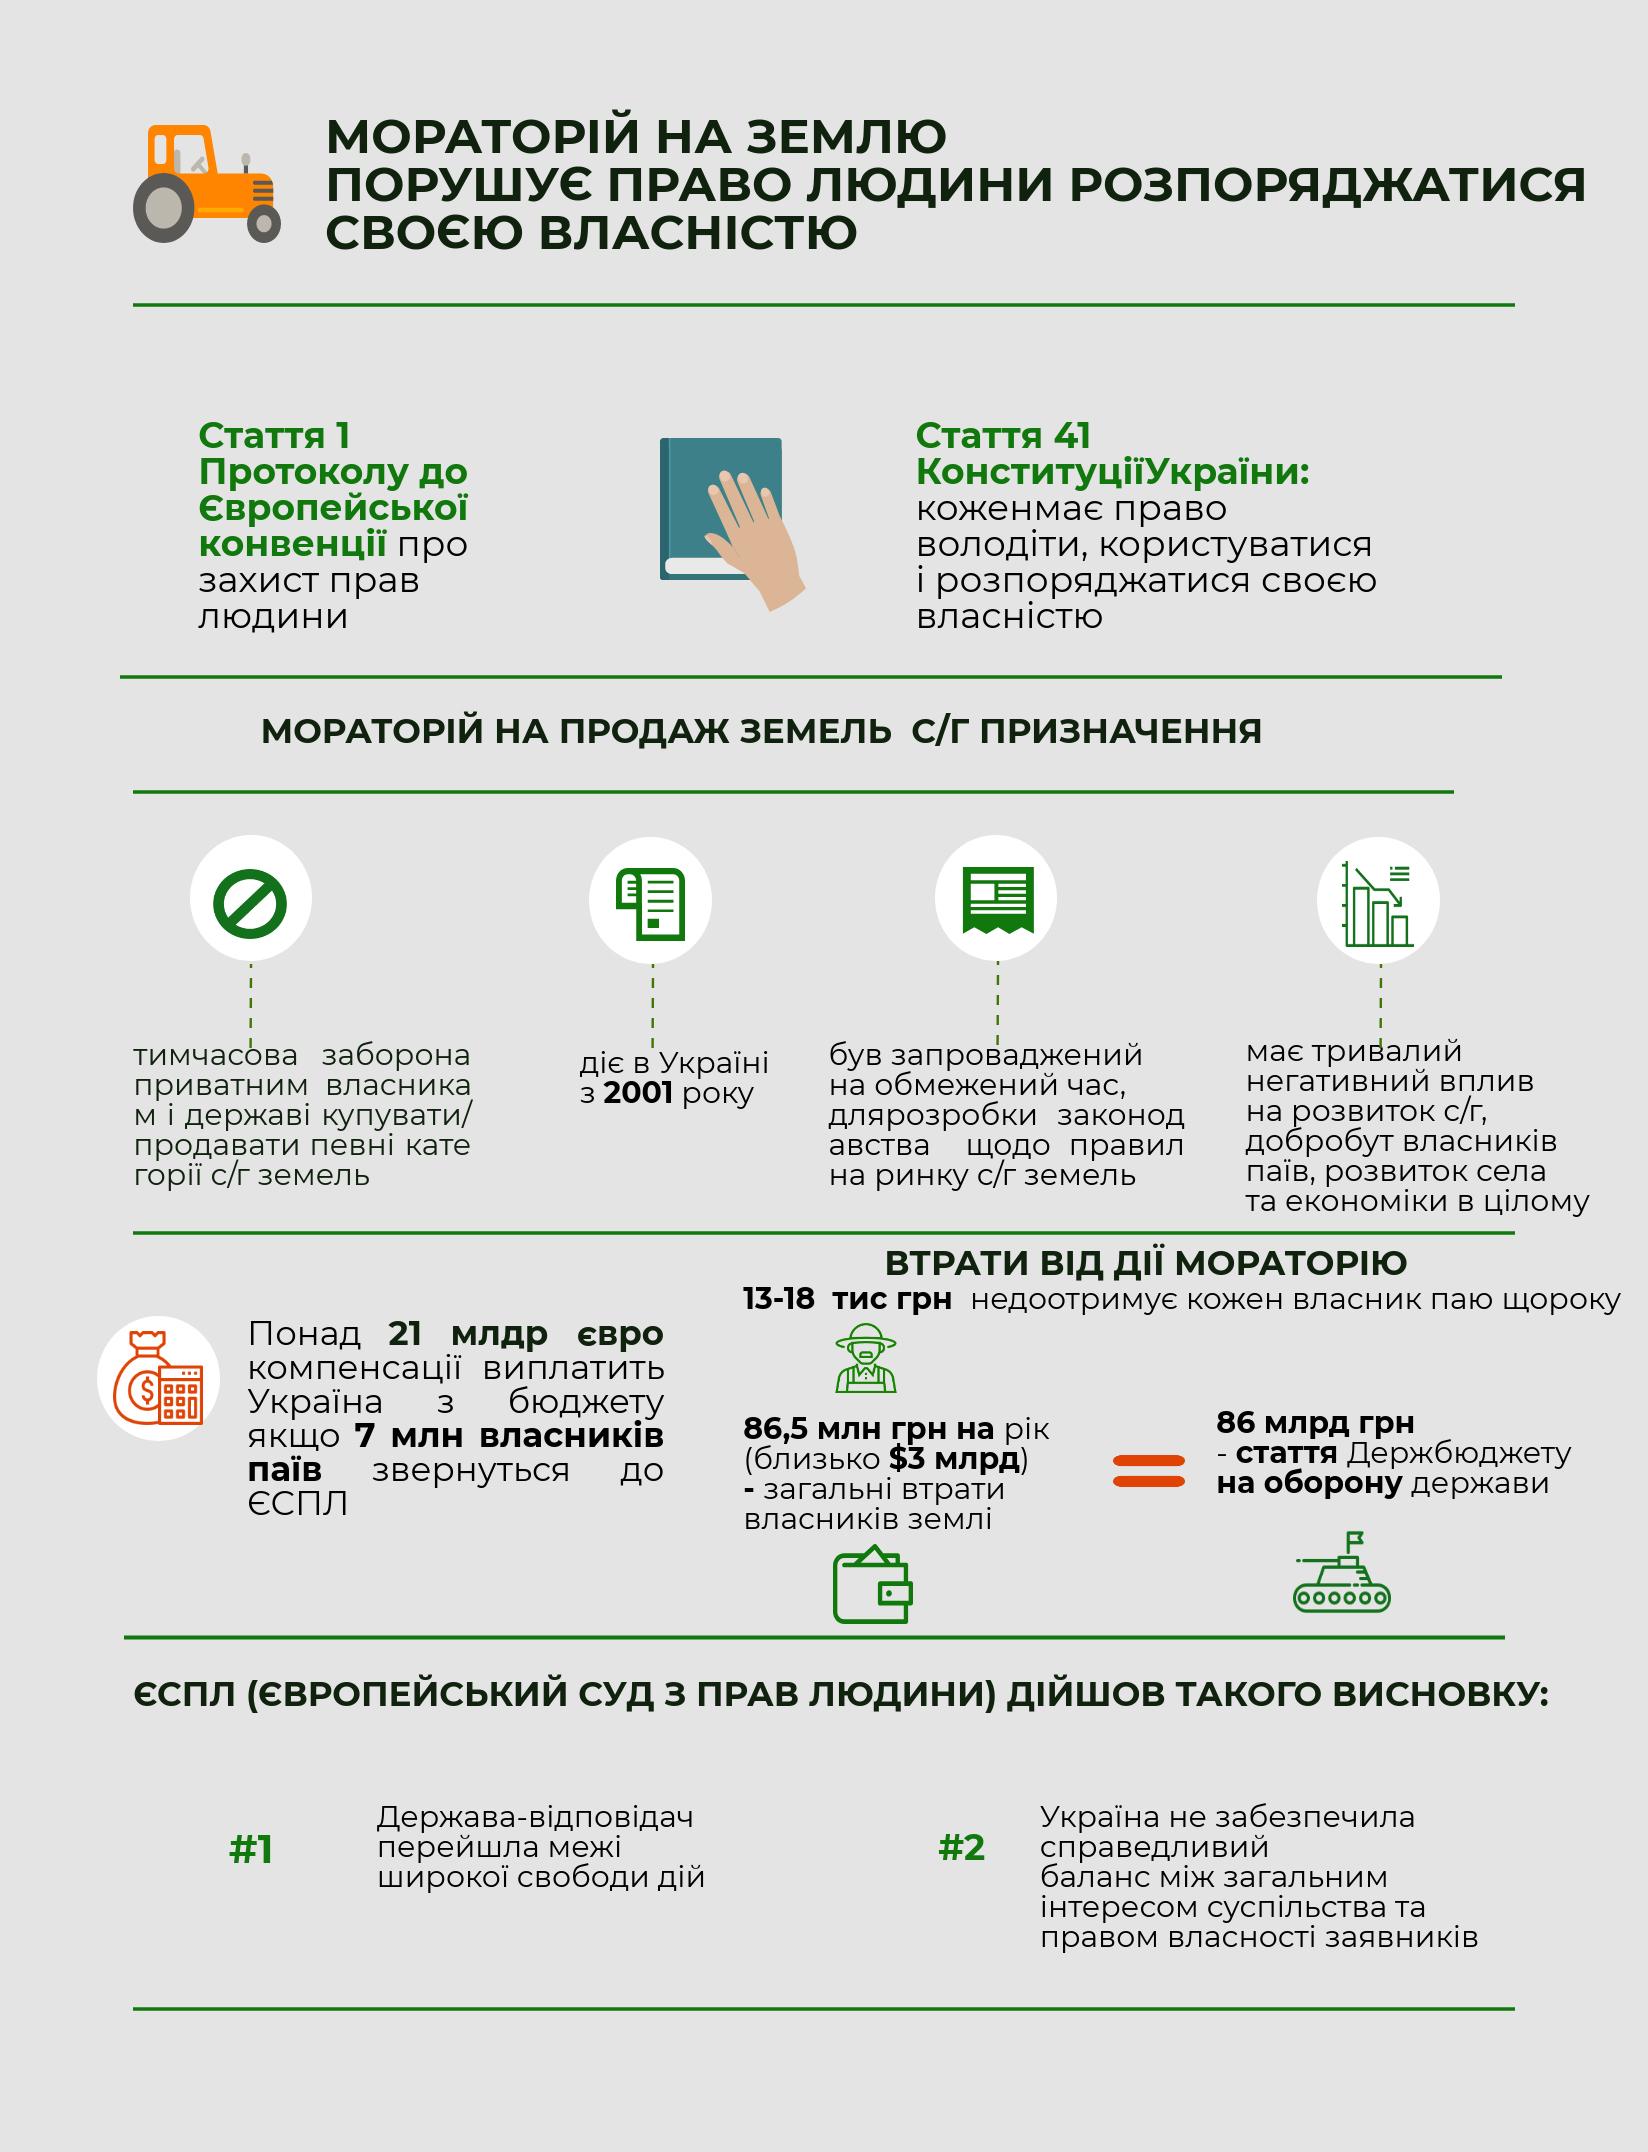 Zemlya_Moratoriy_Infografika_ZMI.jpg